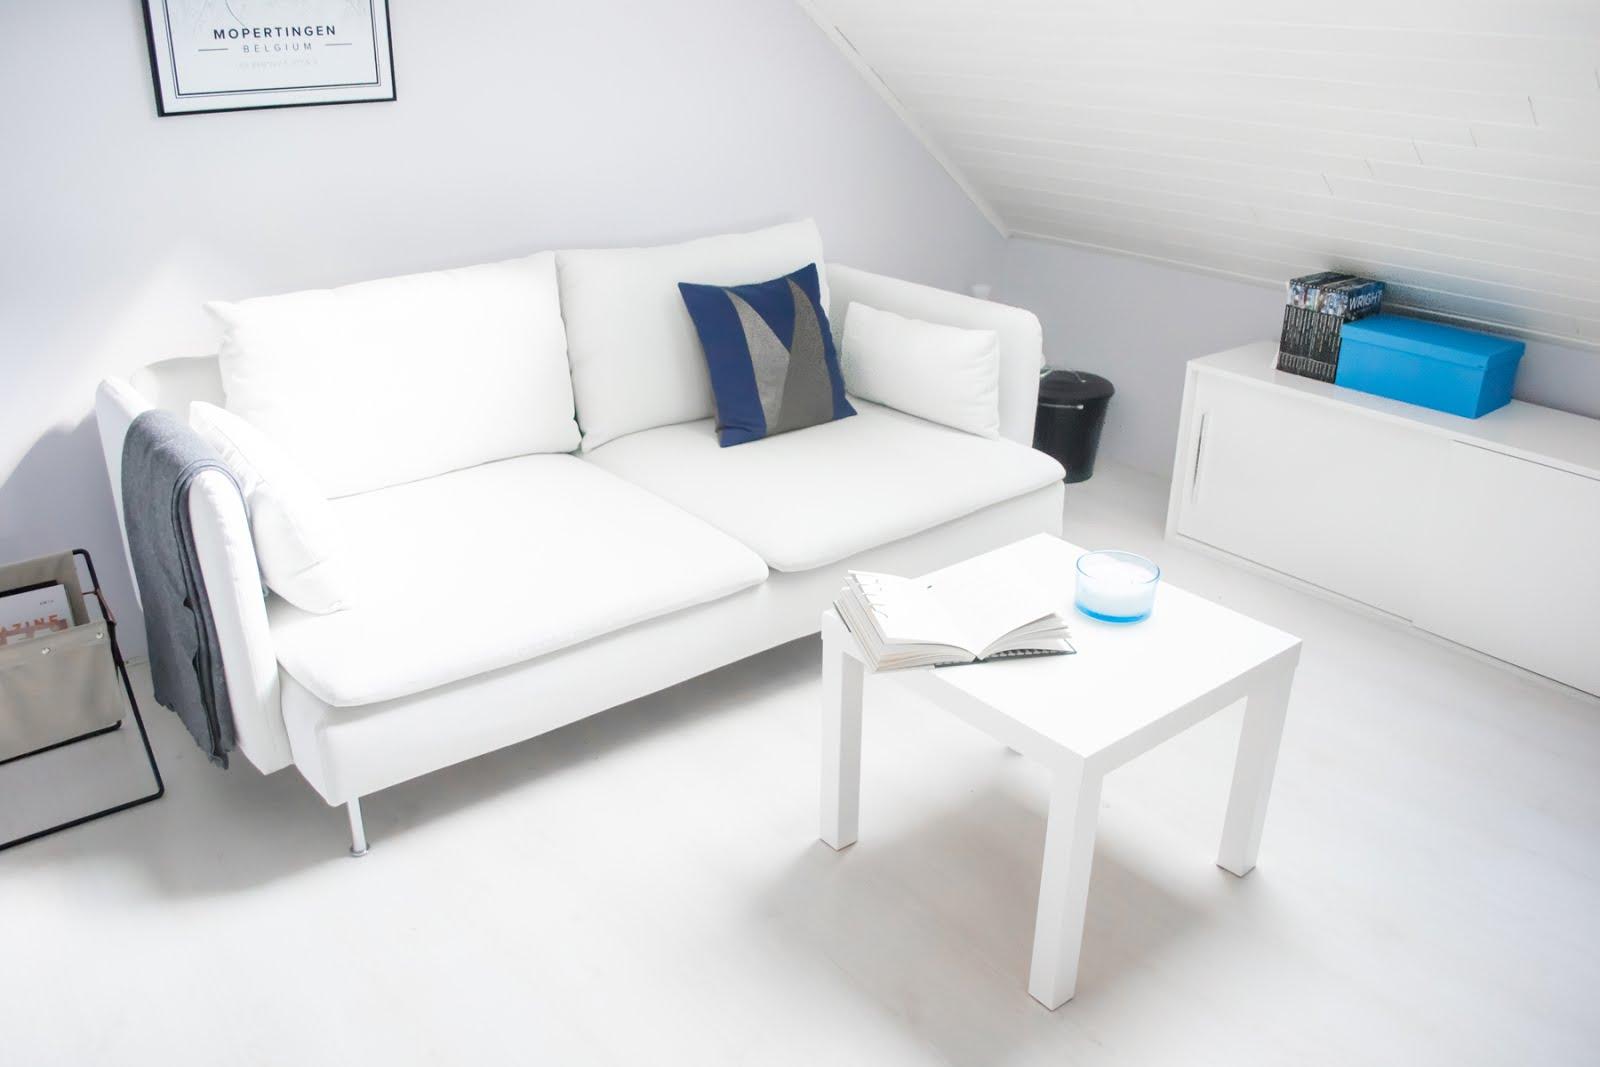 Ikea soderhamn, white cover, herman magazine holder, ferm living, maison popineau cushion